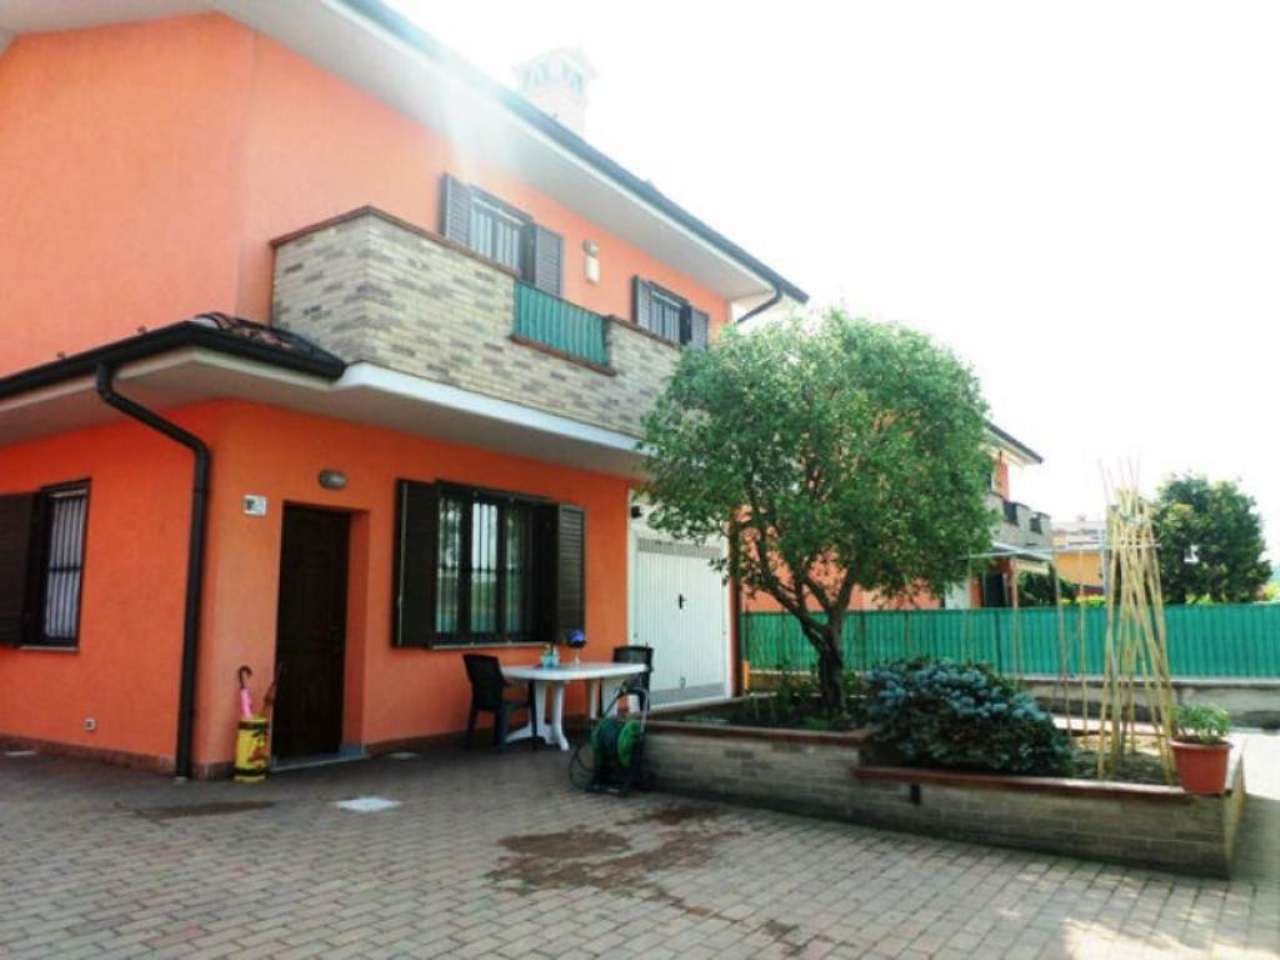 Villa in vendita a Chieve, 4 locali, prezzo € 210.000 | PortaleAgenzieImmobiliari.it